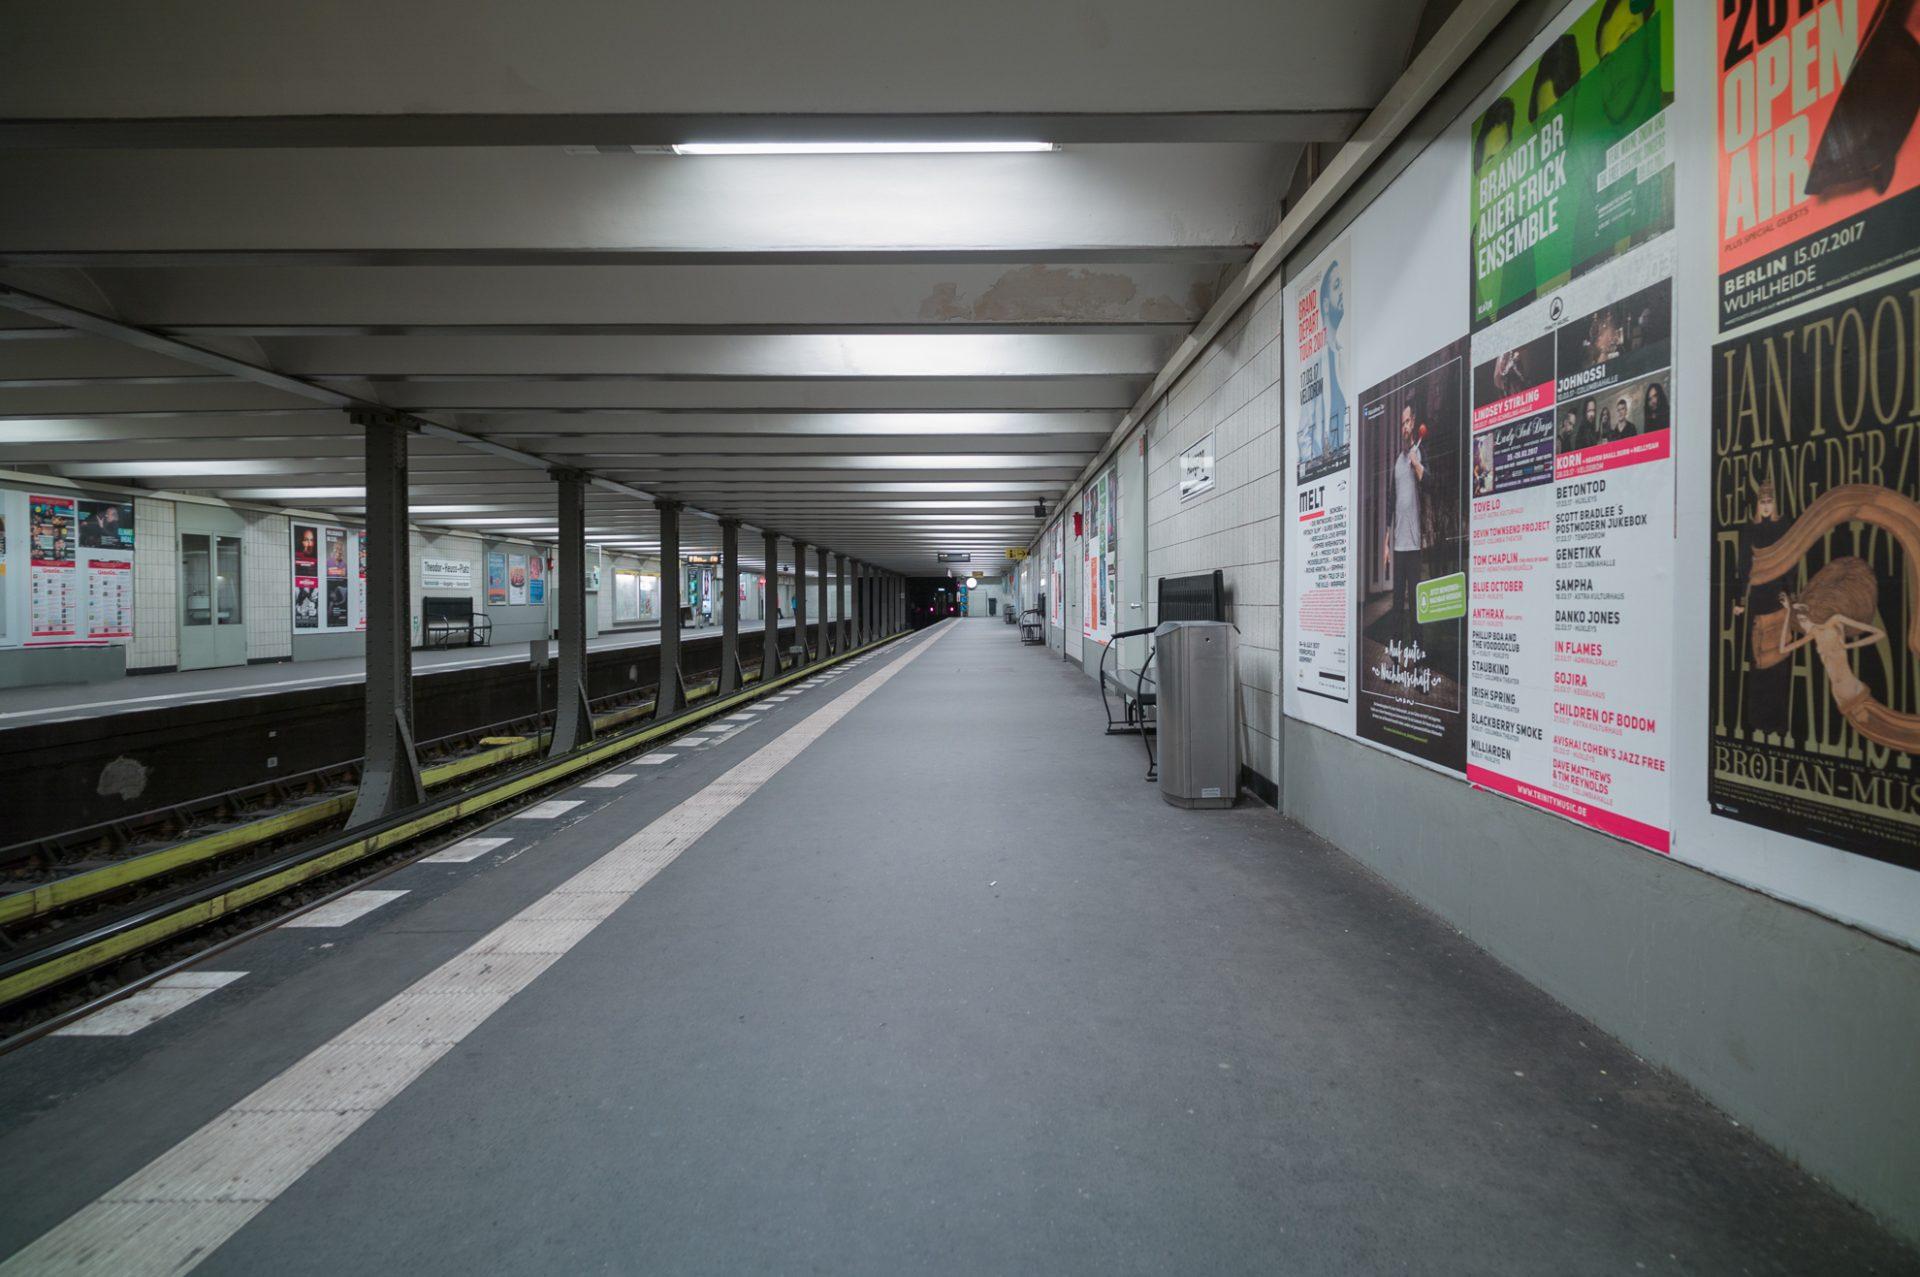 u2_theodorheussplatz (1 von 4)